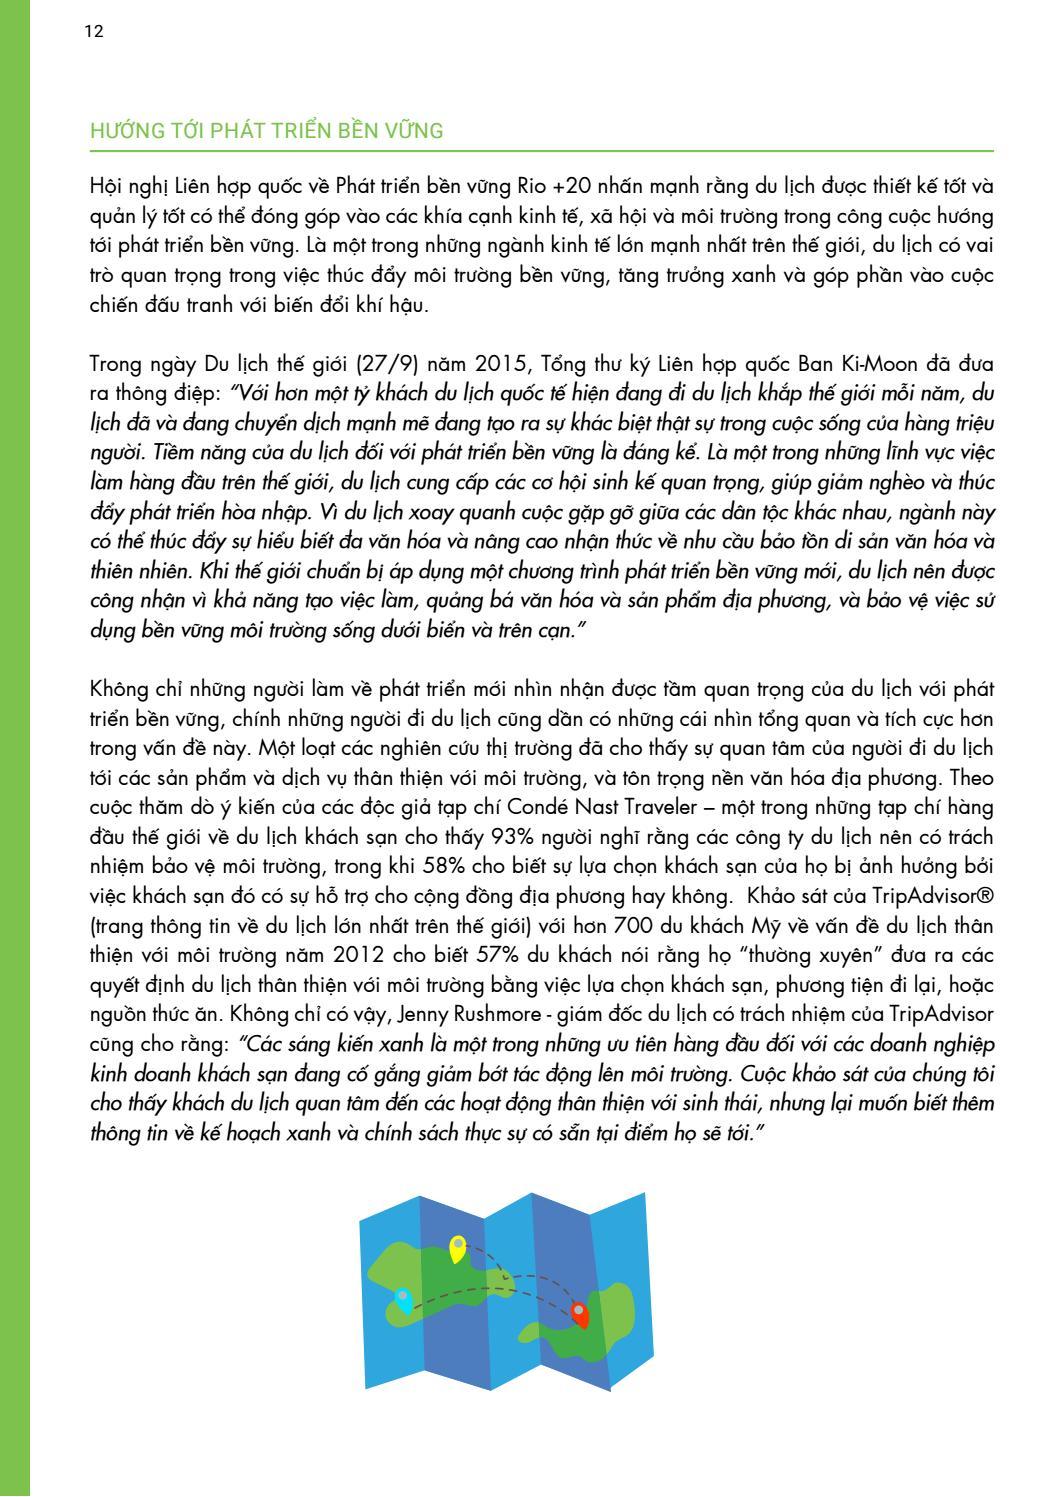 [Tài liệu LSST] Du lịch có trách nhiệm page 12